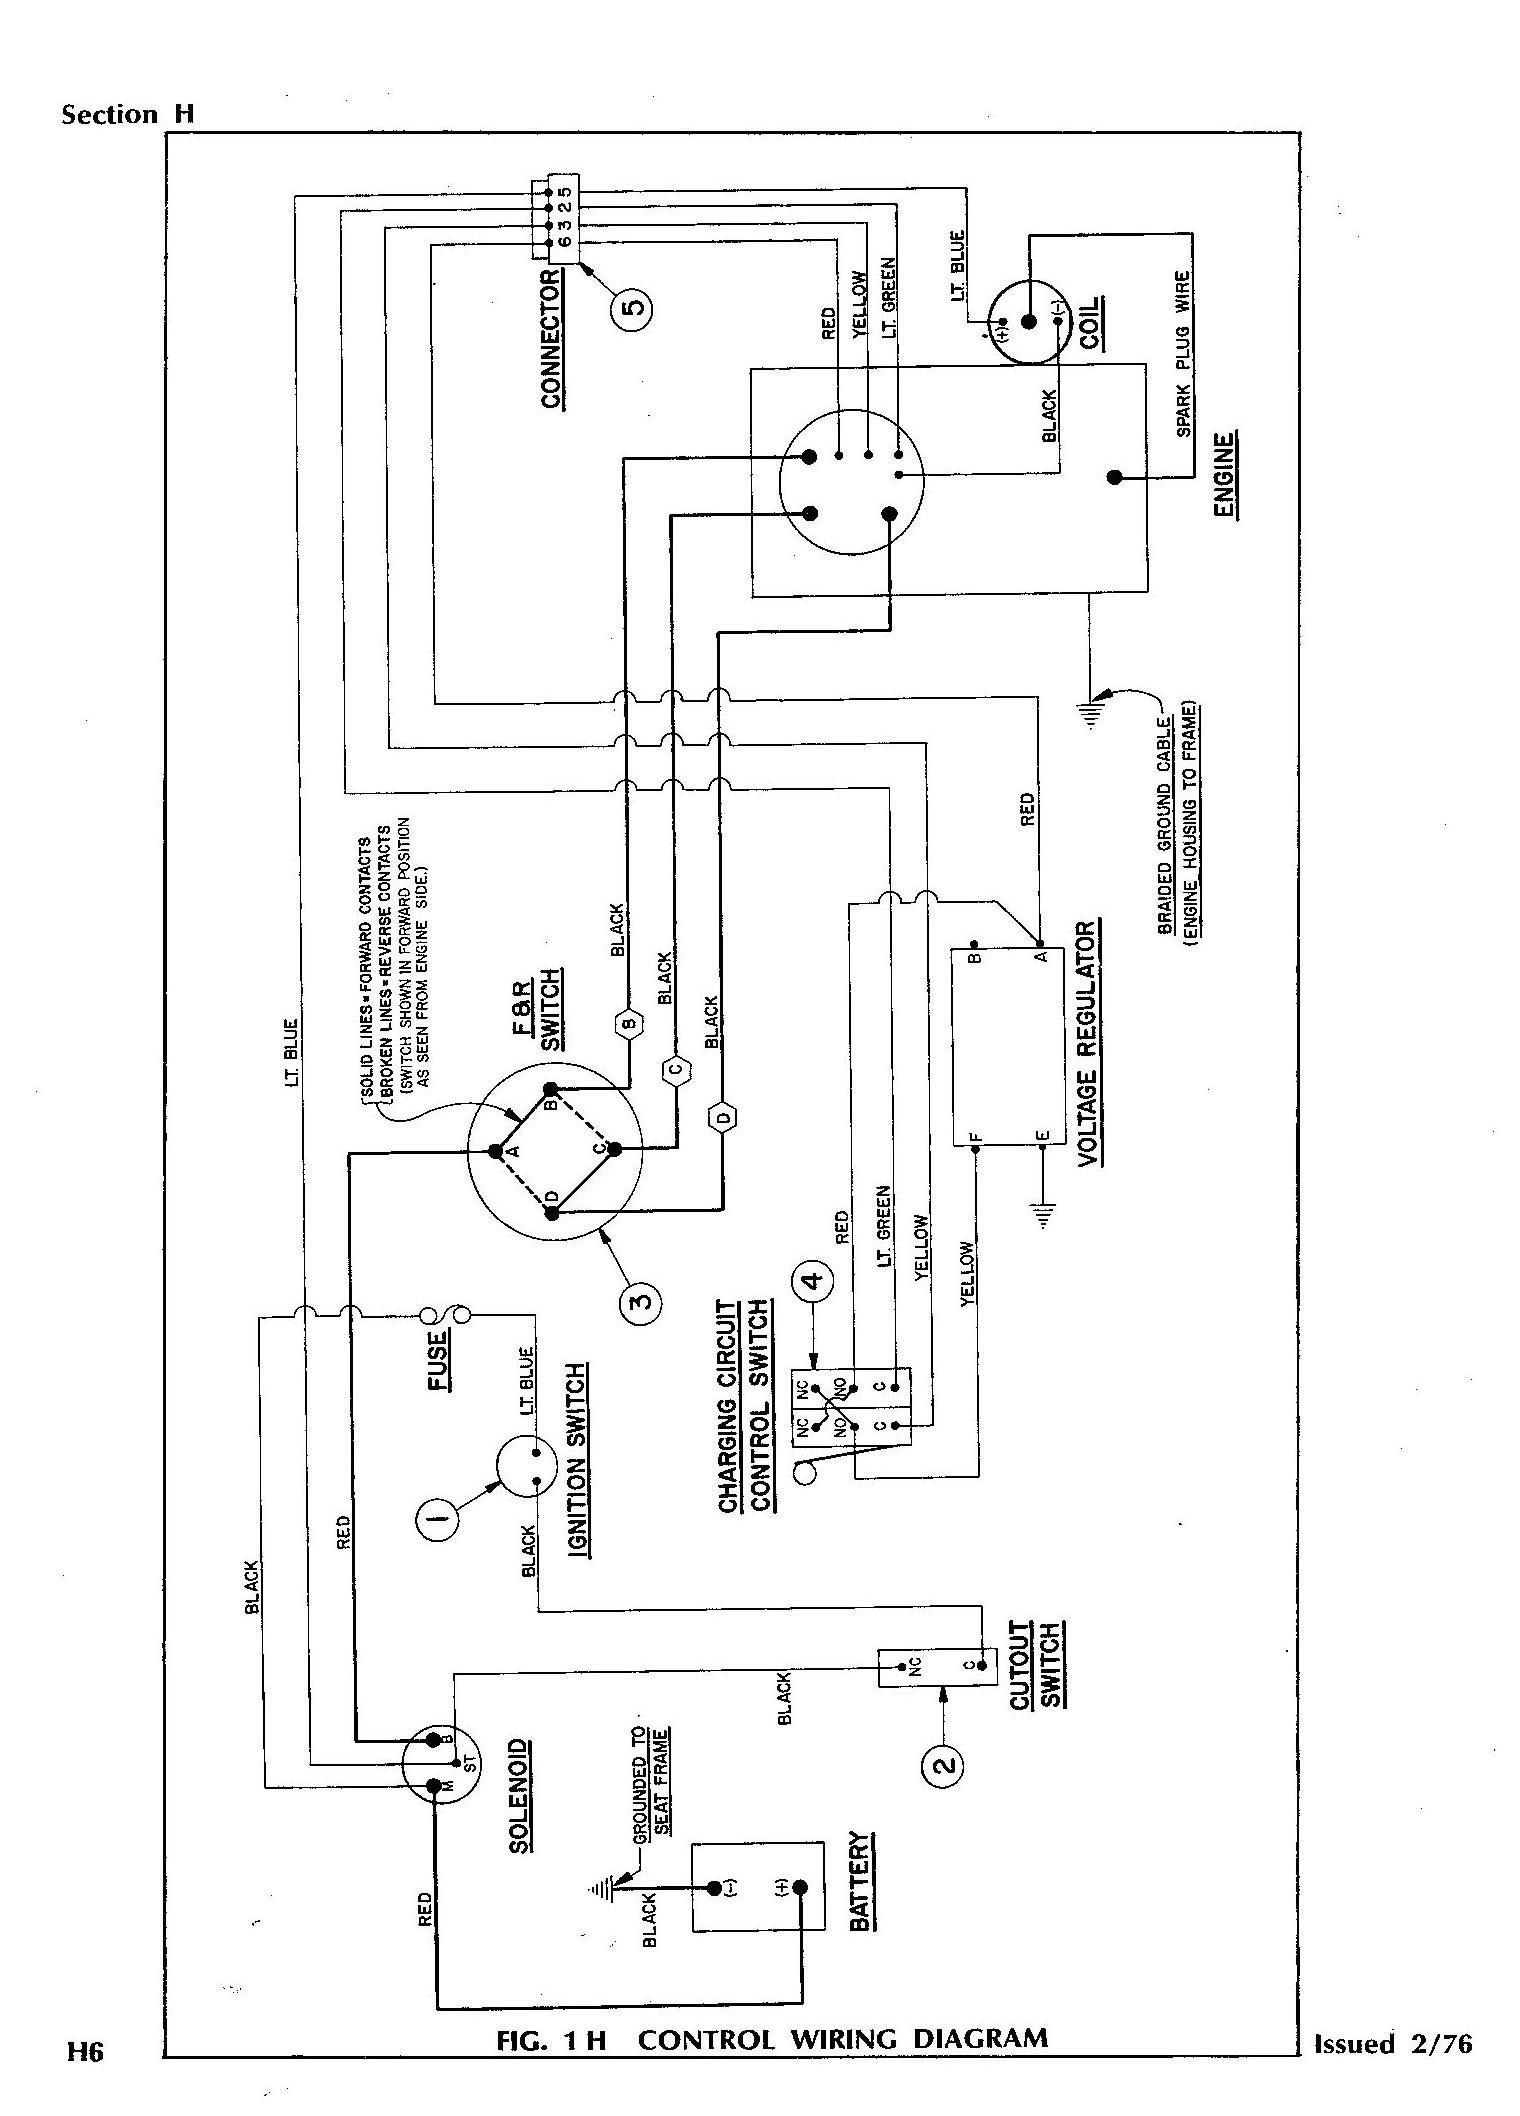 1998 ez go workhorse golf cart wiring diagram 1998 ezgo gas wiring diagram blog wiring diagram  1998 ezgo gas wiring diagram blog